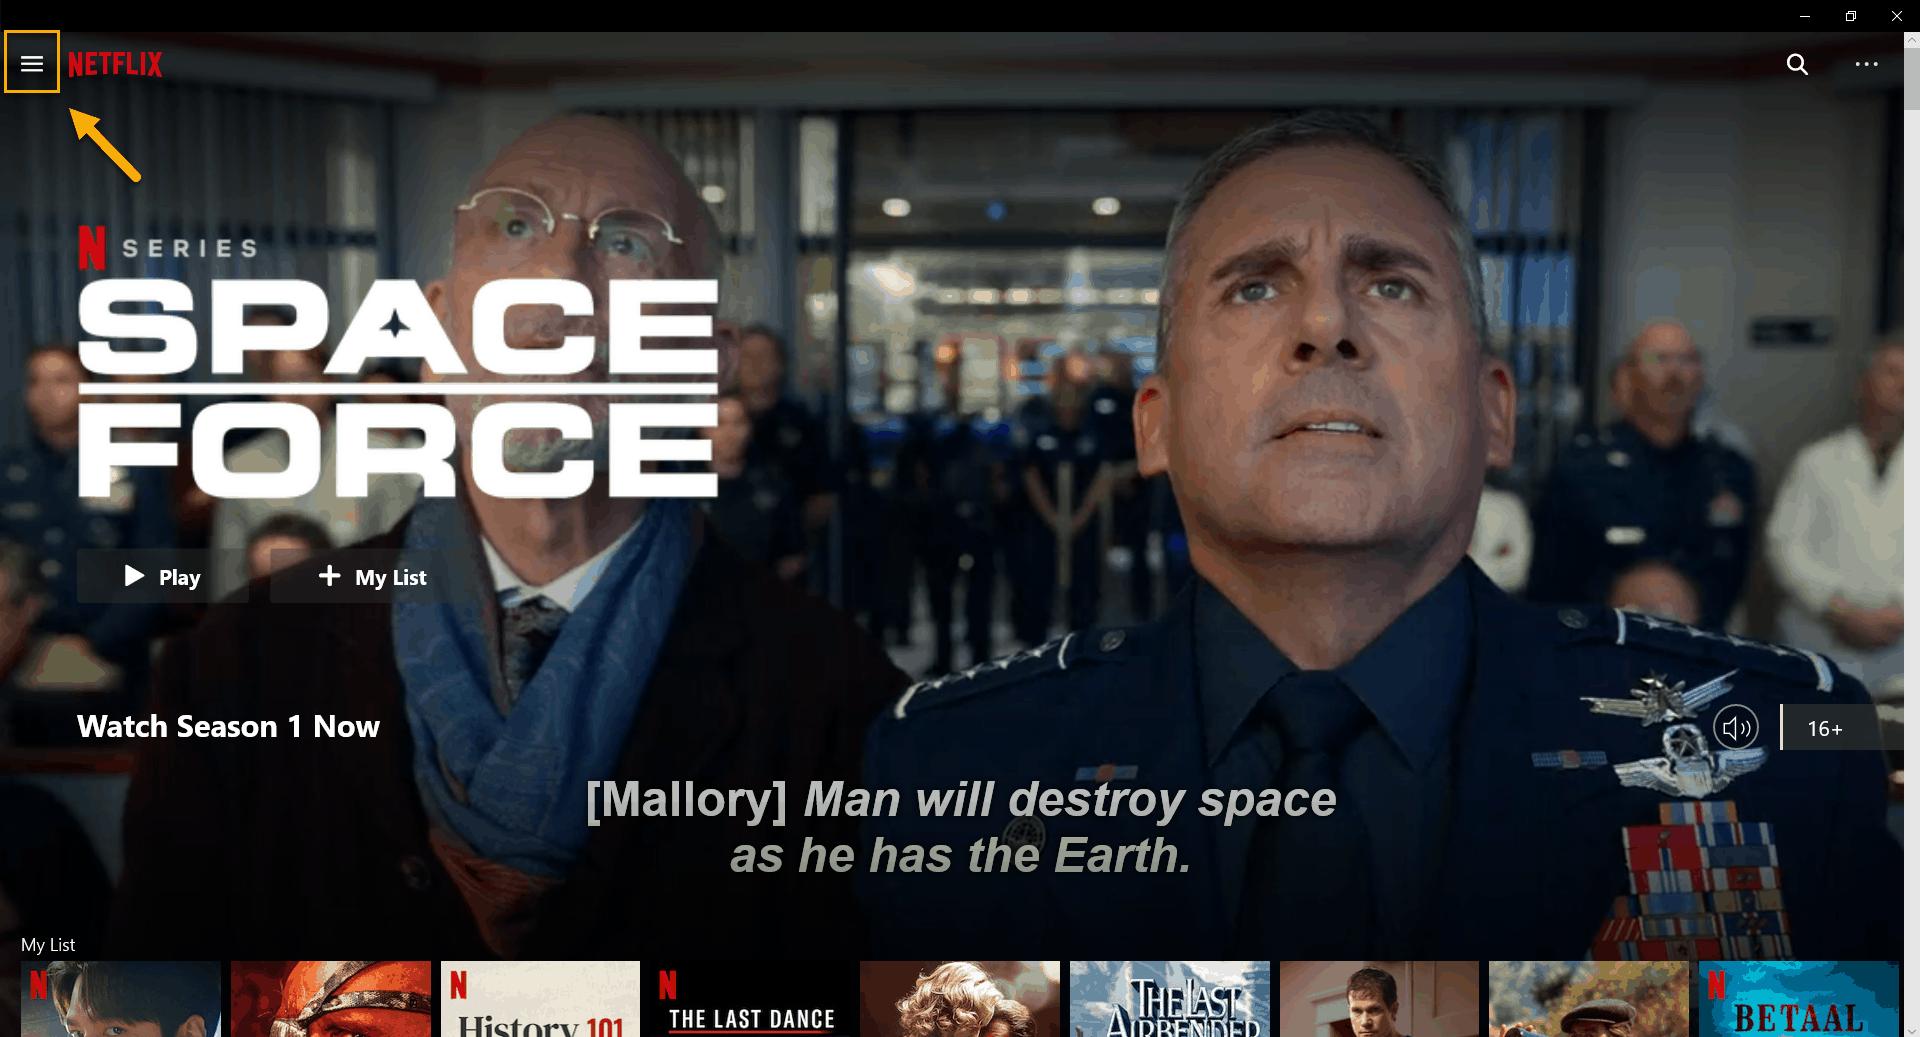 Netflix Error Code 11800